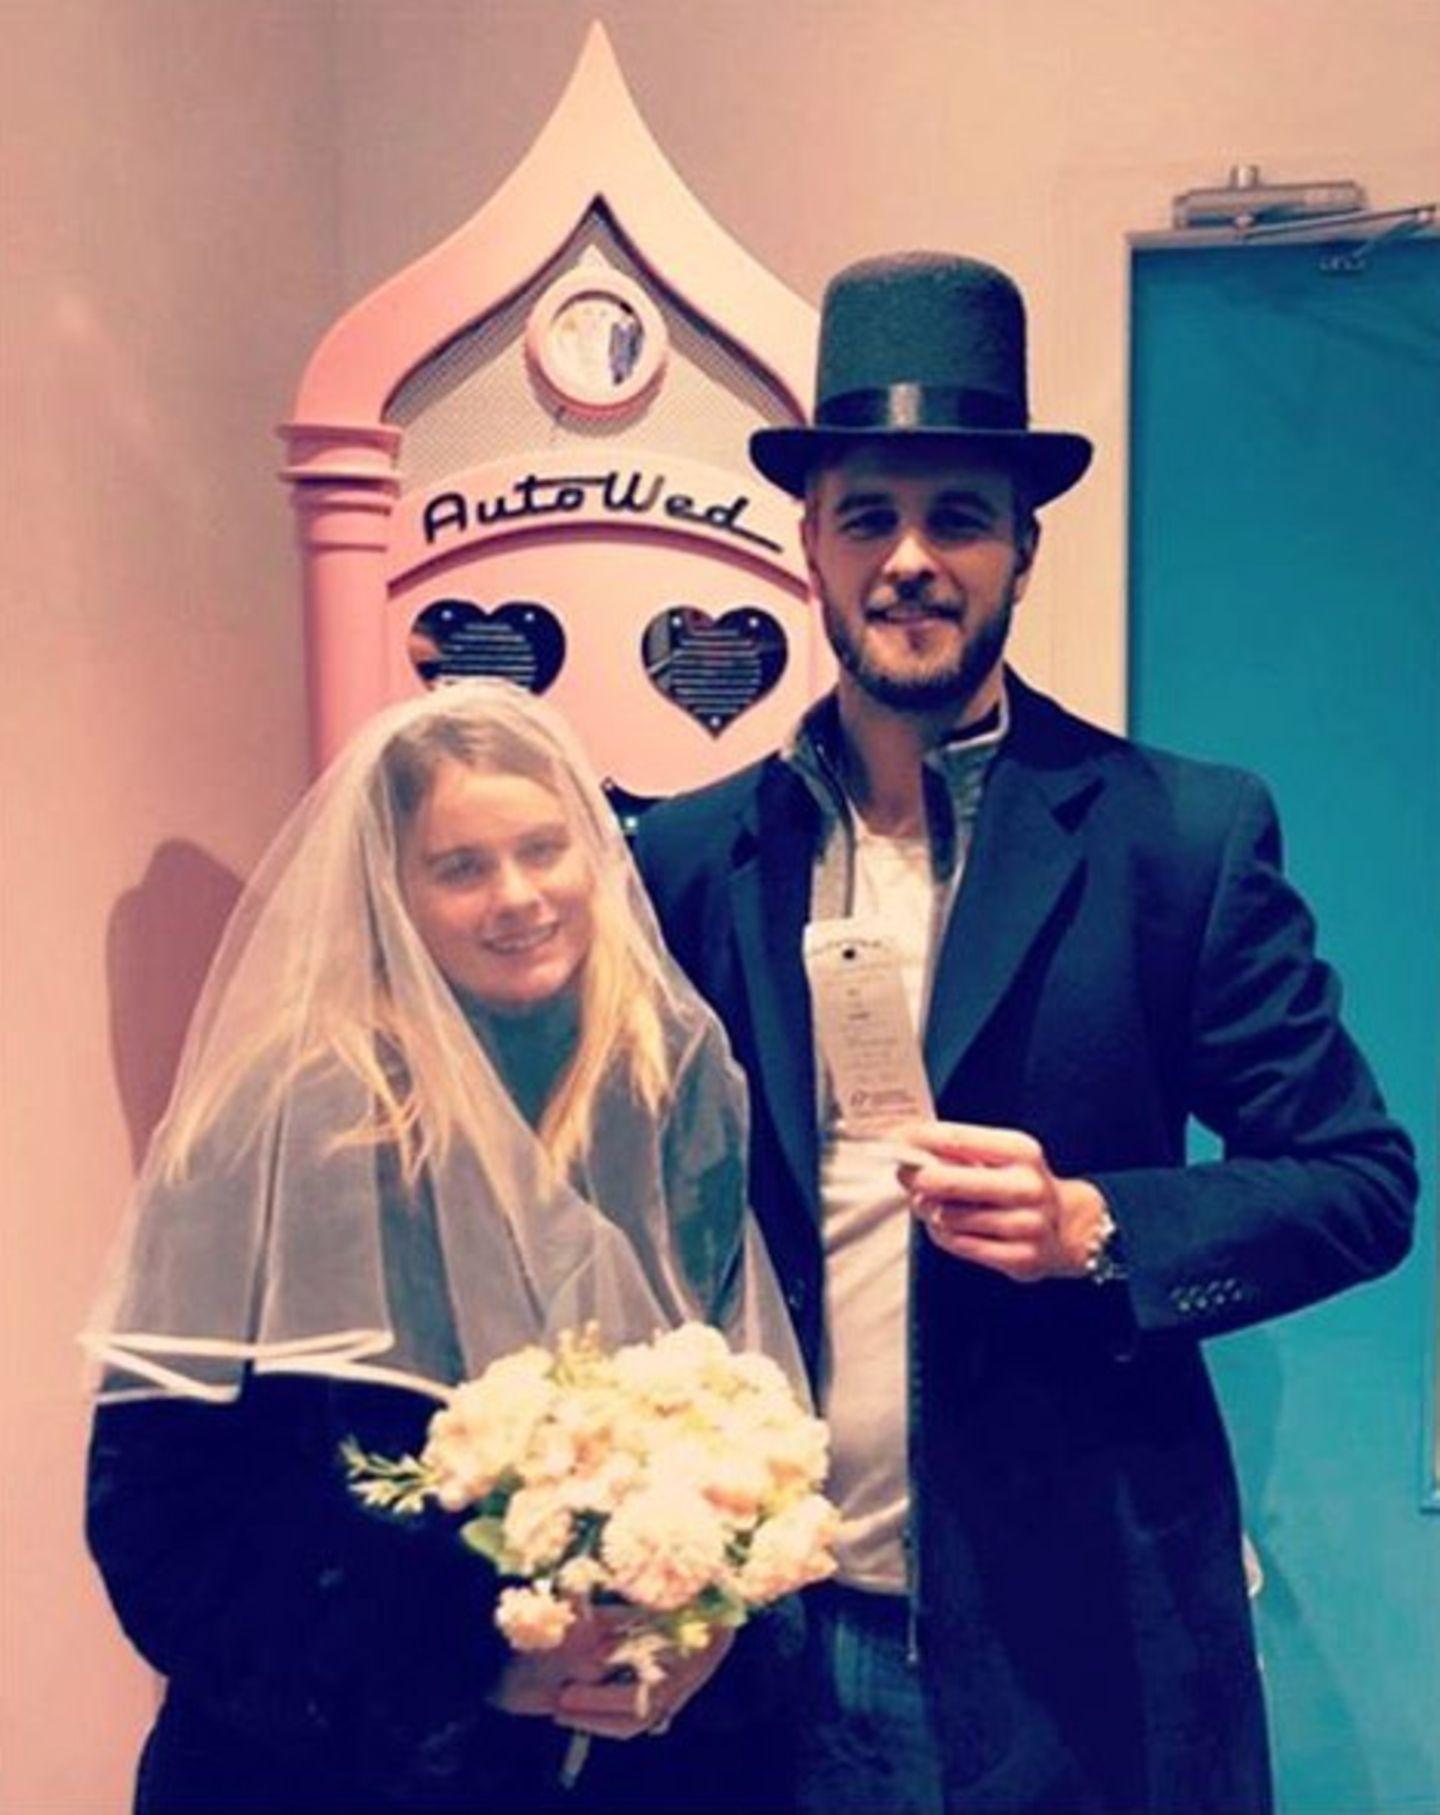 """7. Mai 2020  Eigentlich plante dieEx-Freundin von Prinz William, Cressida Bonas, nächstenAugust ihrenPartner Harry Wentworth-Stanley zu heiraten - bevor Corona ihnen einen Strich durch die Rechnung machte. Mit einem Augenzwinkern postet die zukünftige Braut zum Geburtstag ihres Liebsten nun schon mal ein gemeinsames """"Hochzeitsfoto""""vor einem Hochzeits-Automaten, der nicht nur (Plastik-)Ringe ausspuckt, sondern auch eine Eheurkunde ausdruckt. Zur Not muss das reichen."""